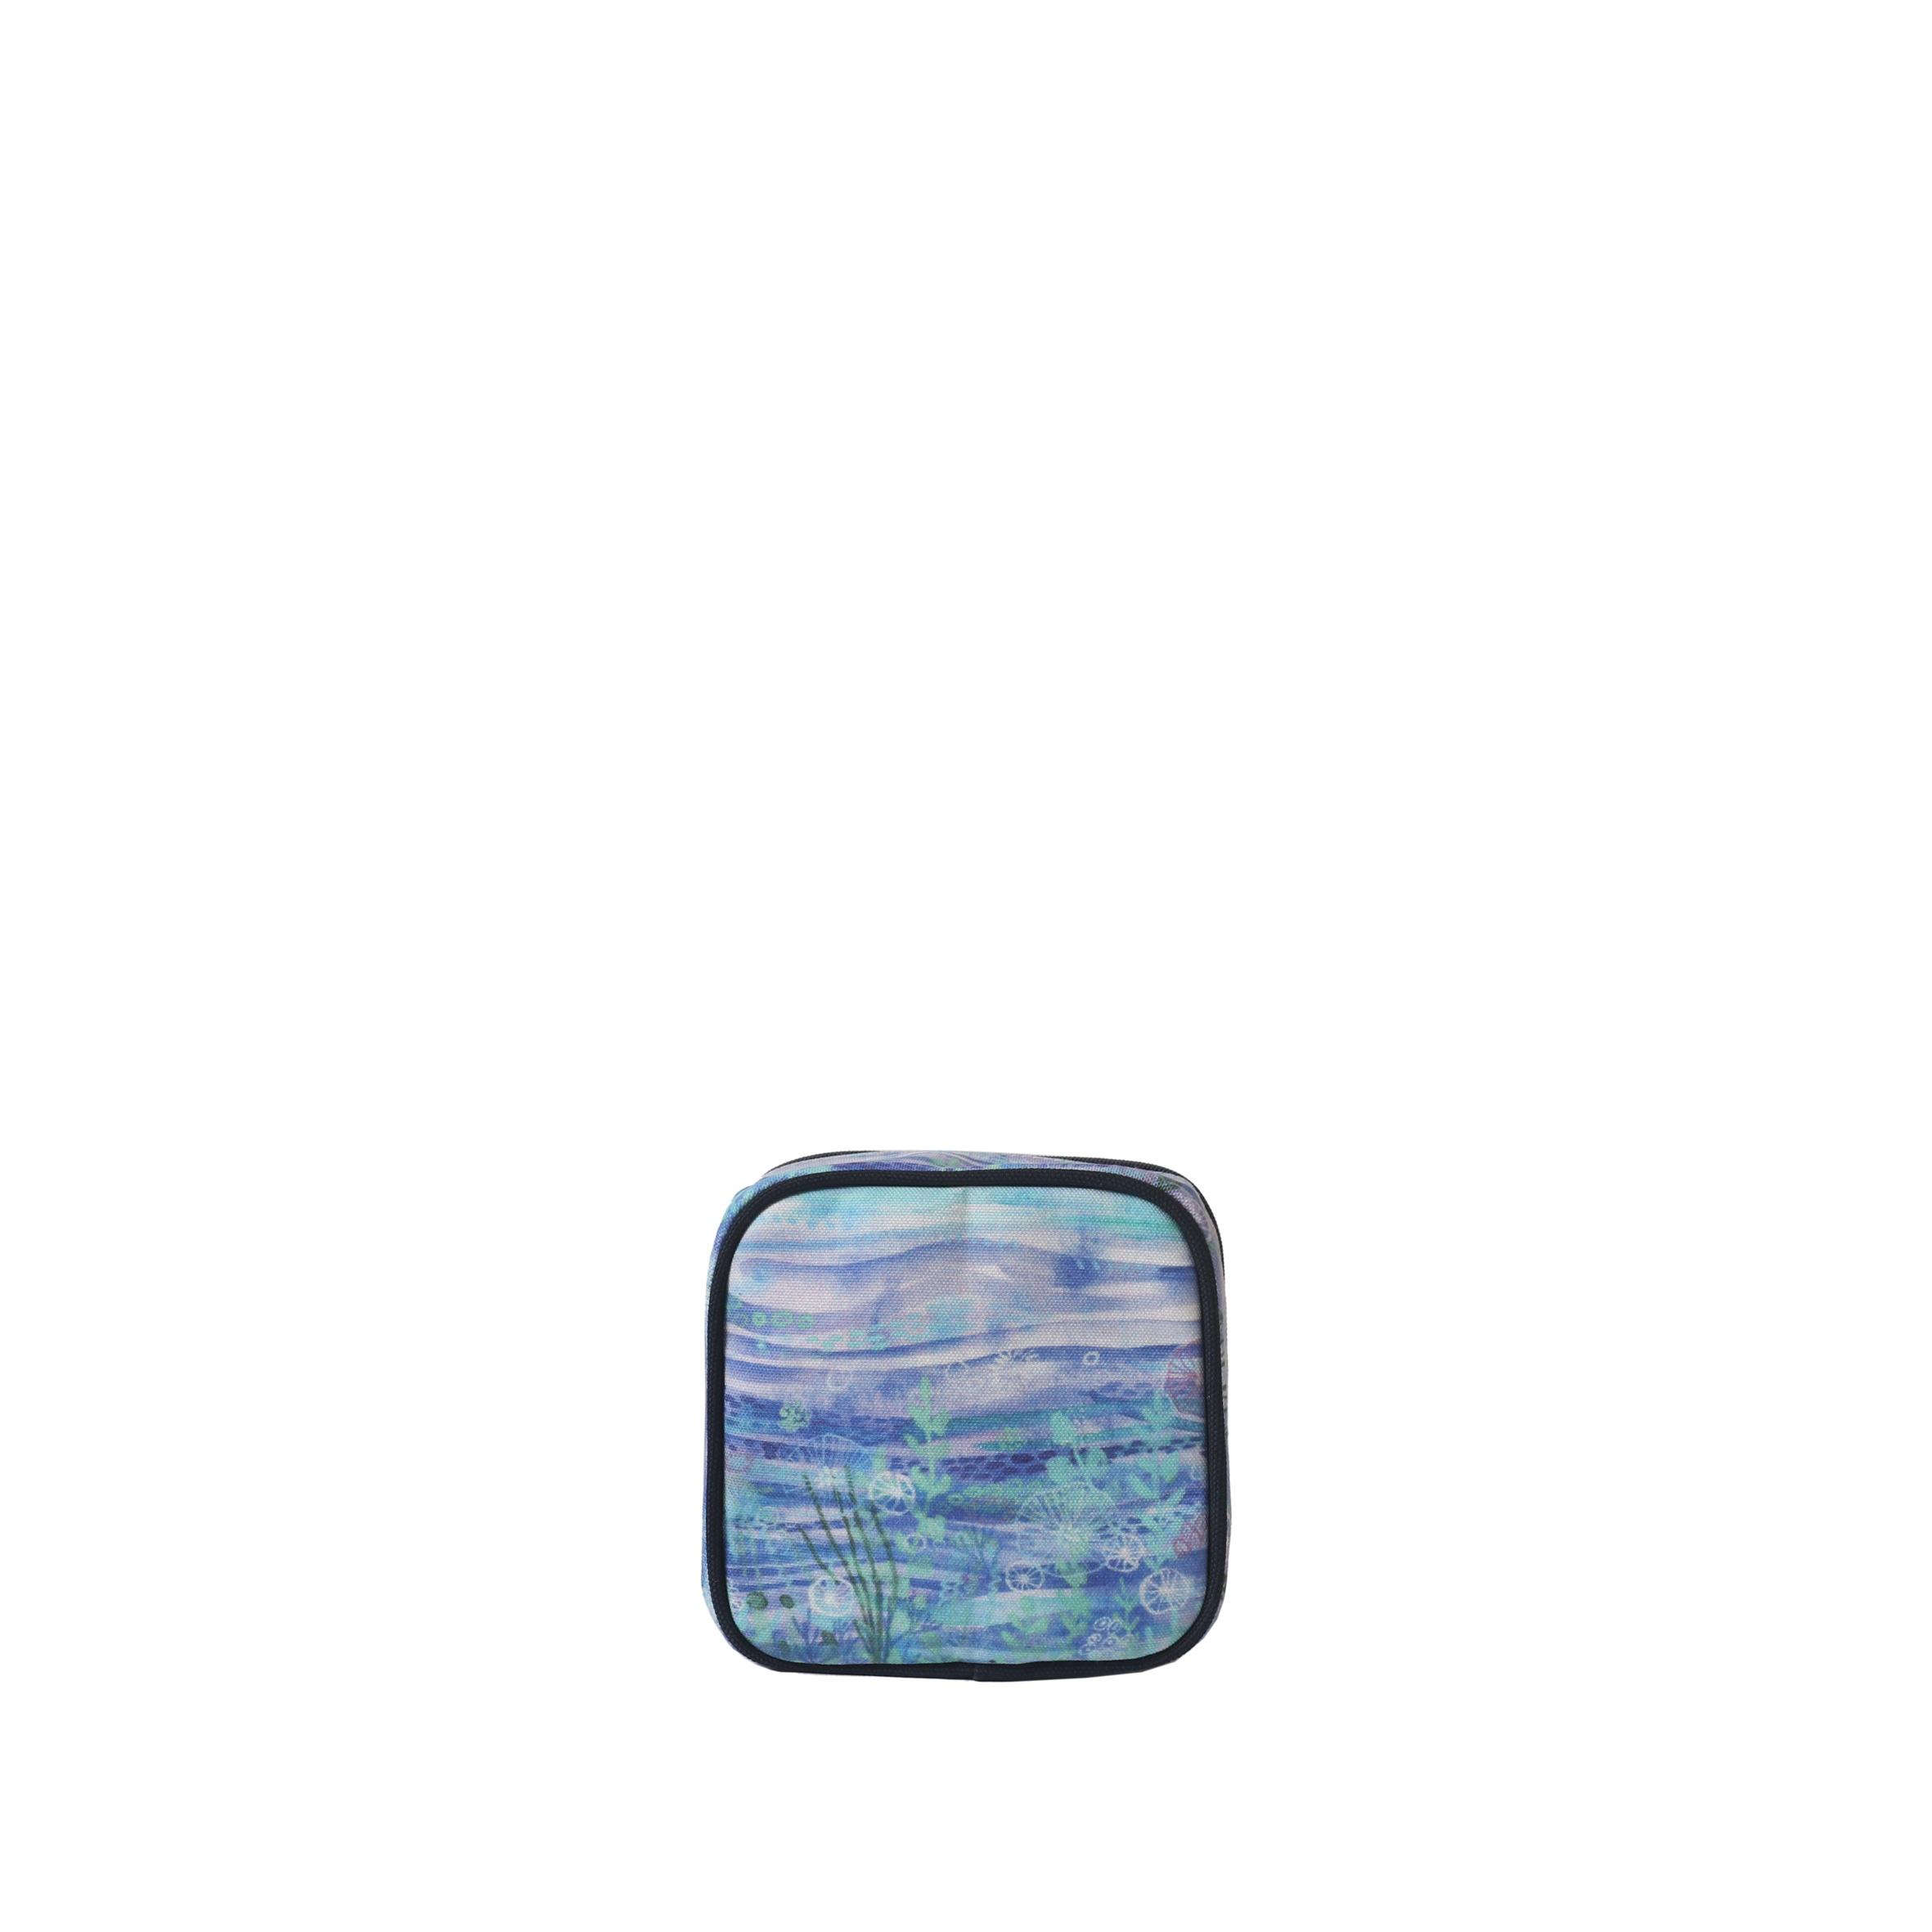 Bermain di Lautan Make up Pouch Kotak